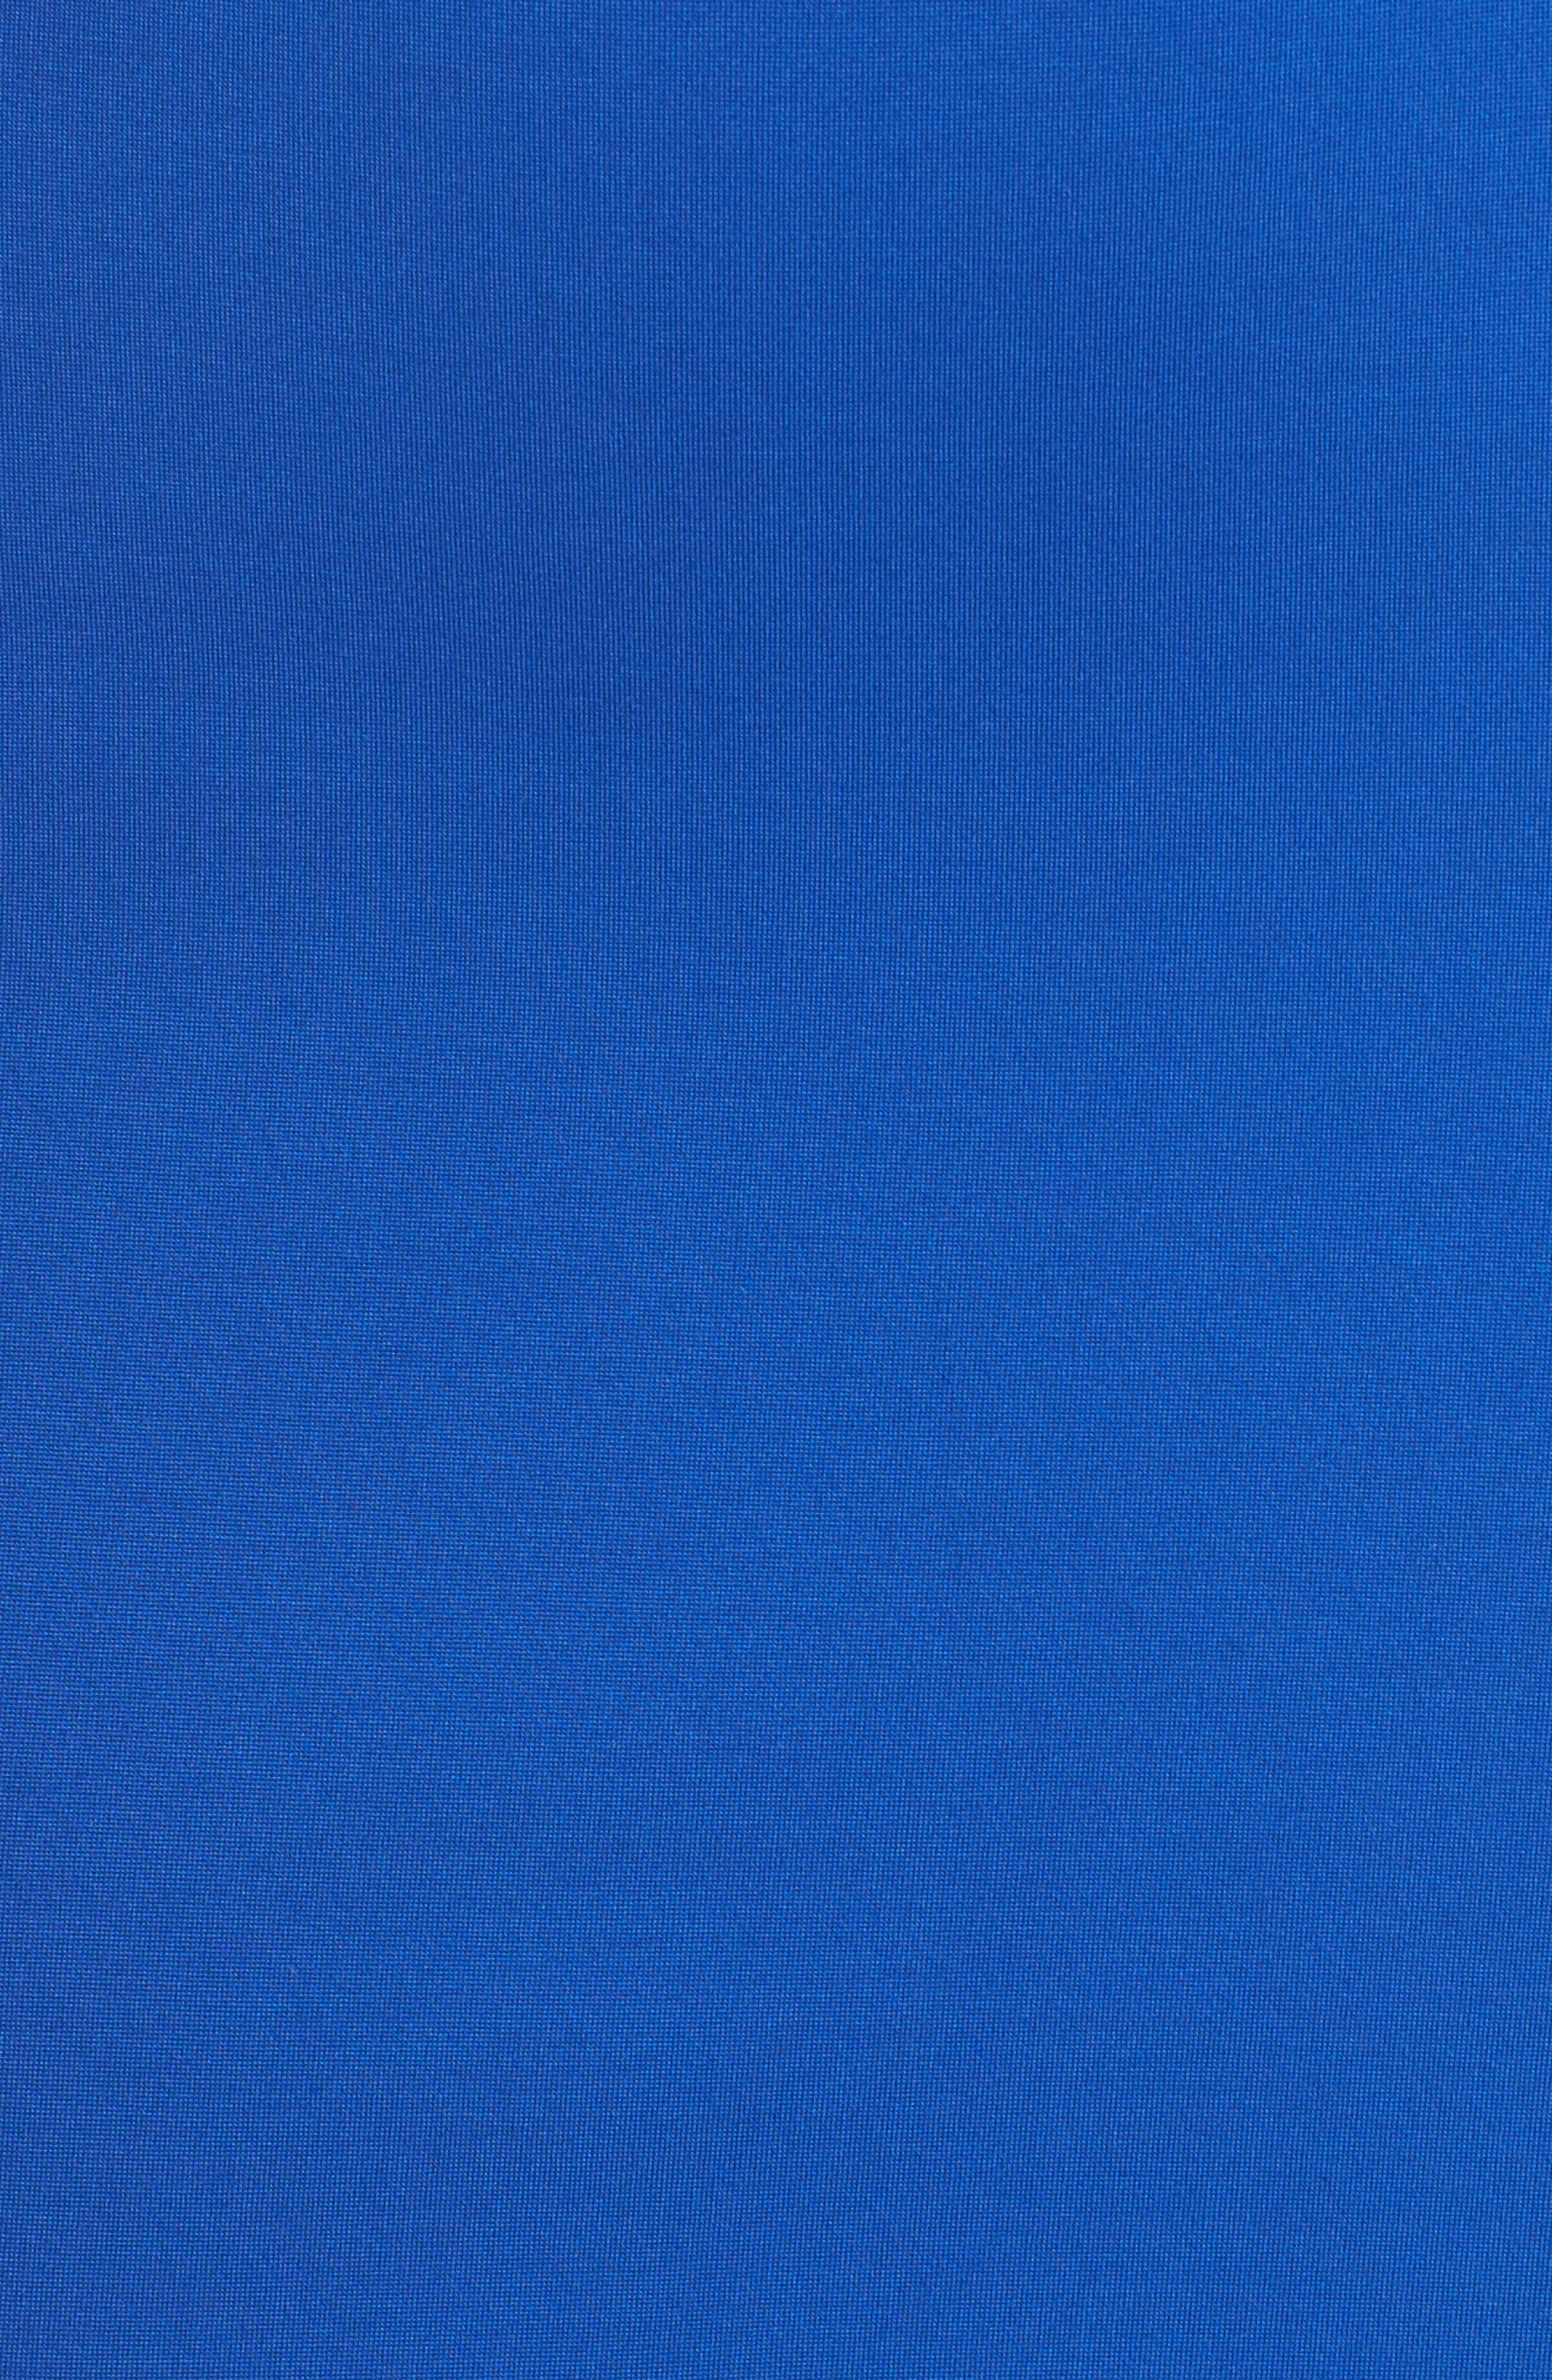 Monrow Flutter Hem Midi Dress,                             Alternate thumbnail 6, color,                             Cobalt